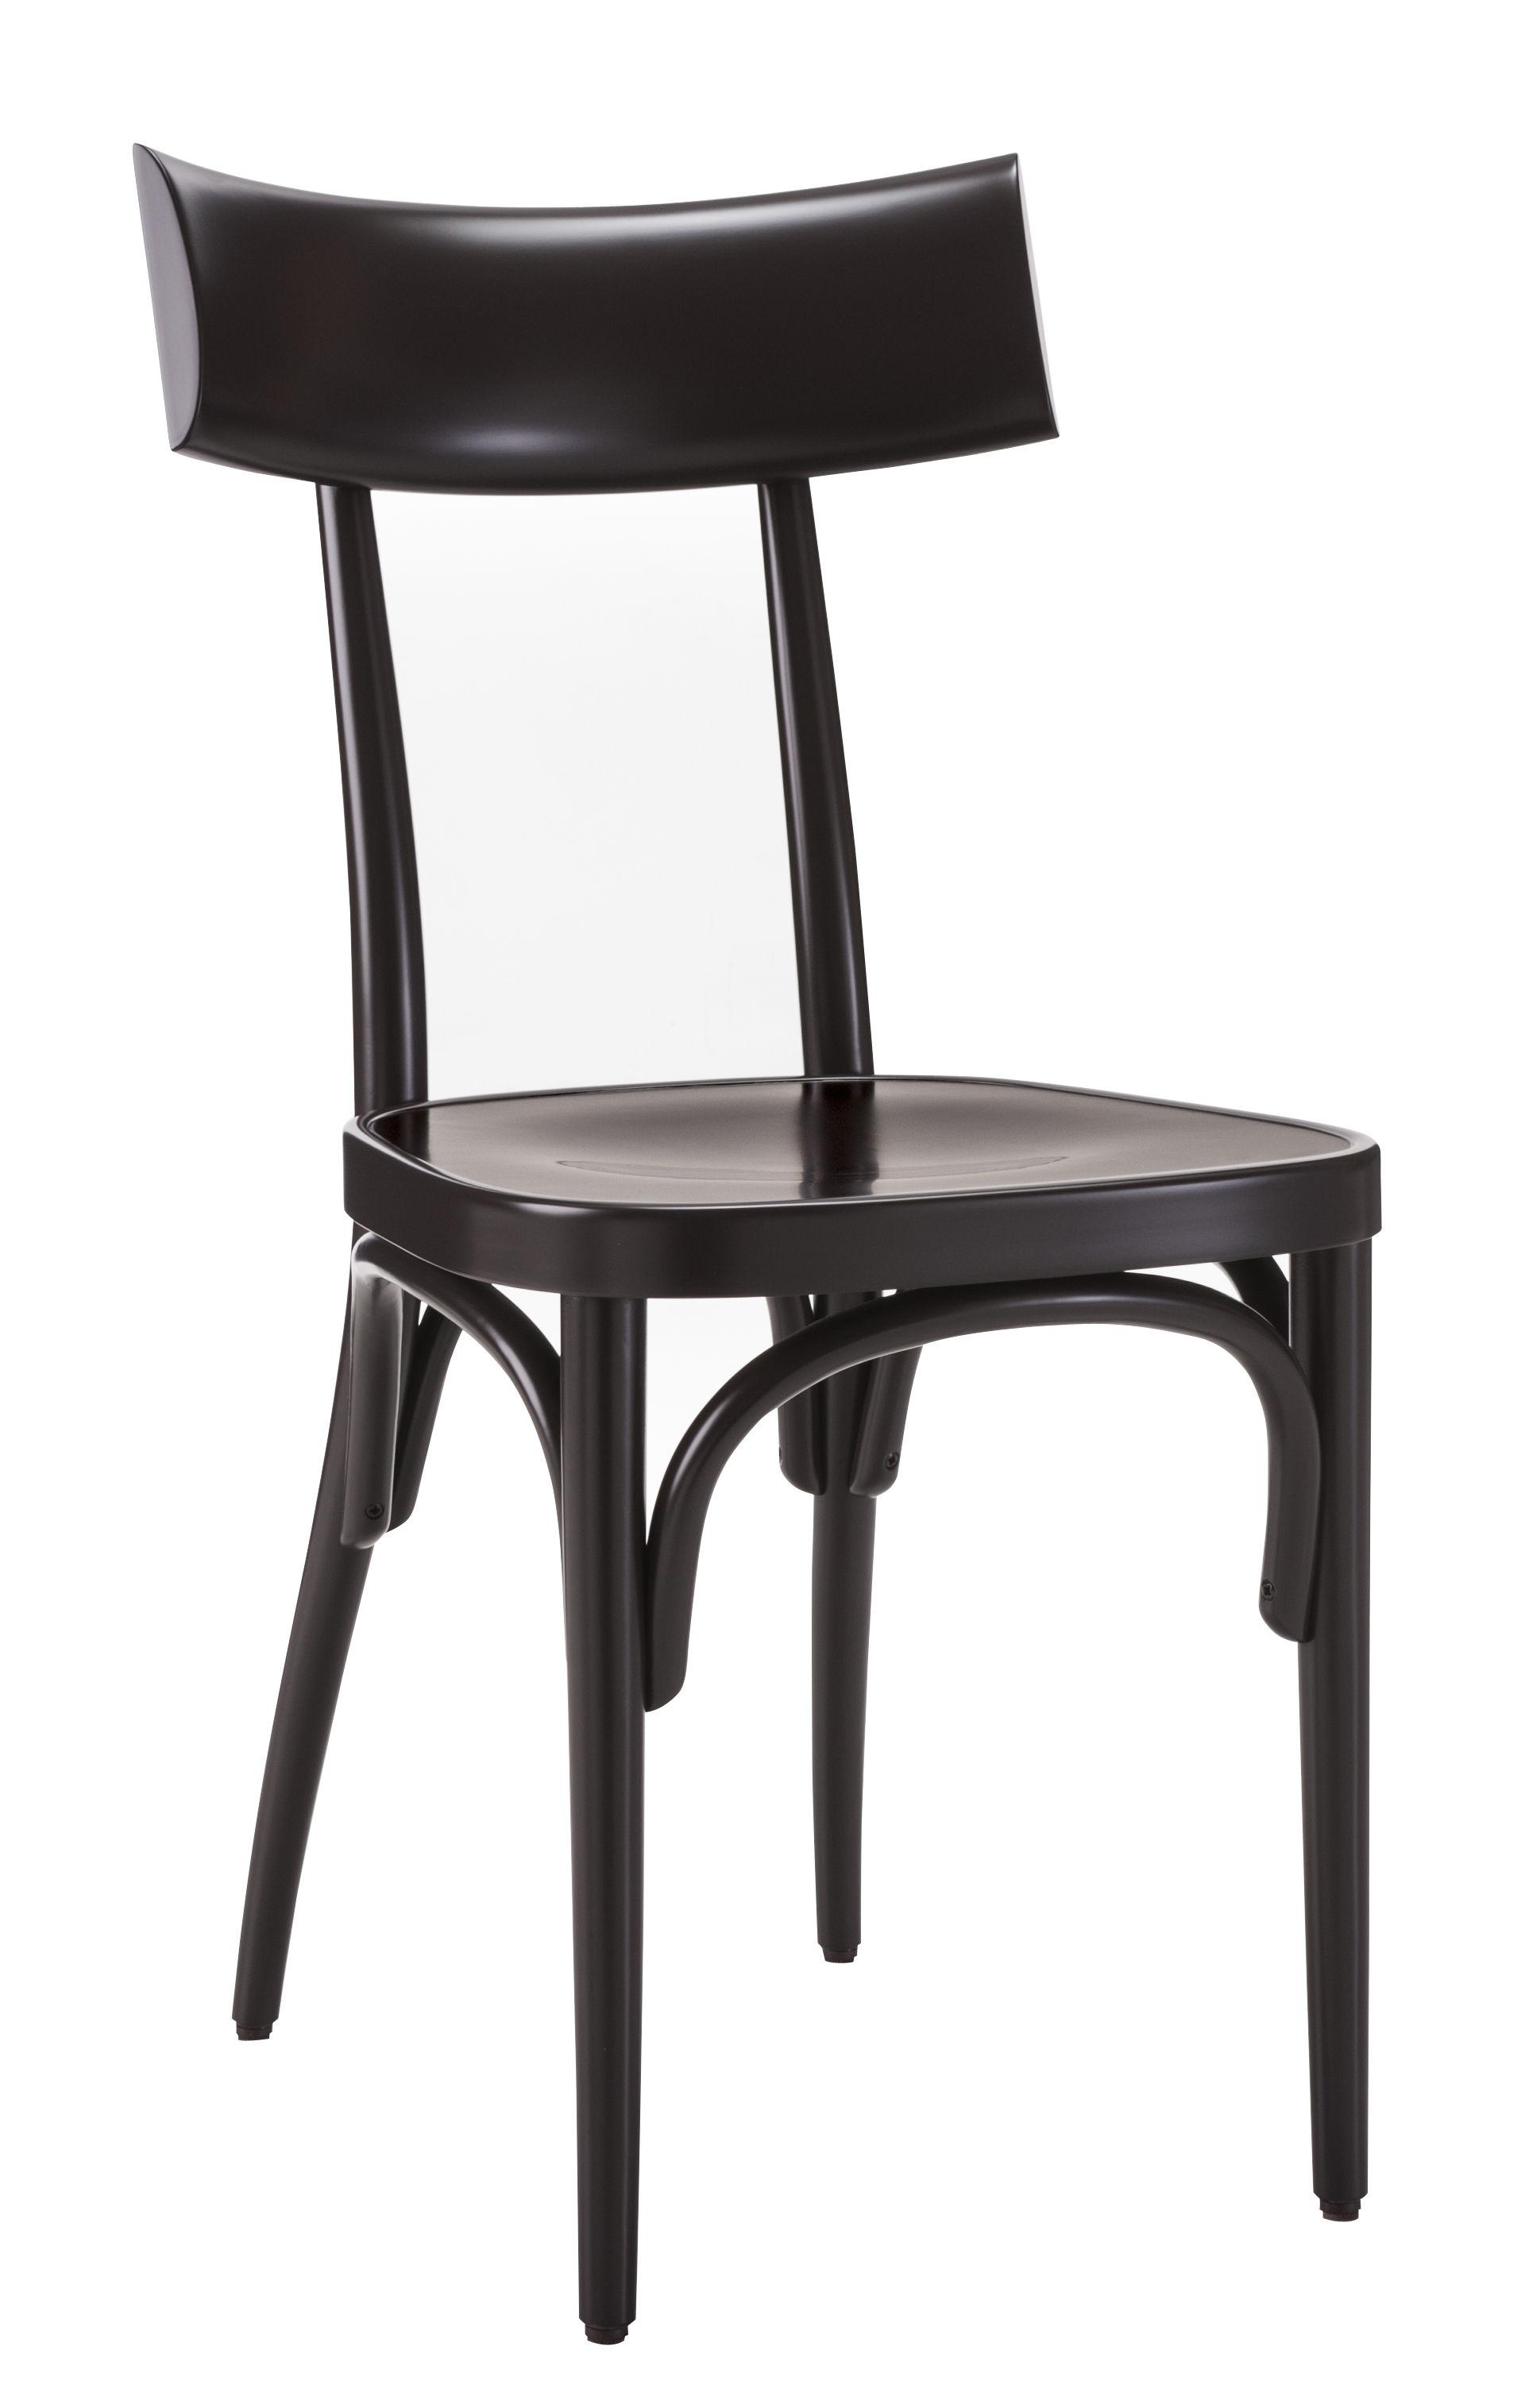 Mobilier - Chaises, fauteuils de salle à manger - Chaise Czech / Bois - Wiener GTV Design - Noir / Pieds noirs - Contreplaqué de hêtre, Hêtre massif cintré